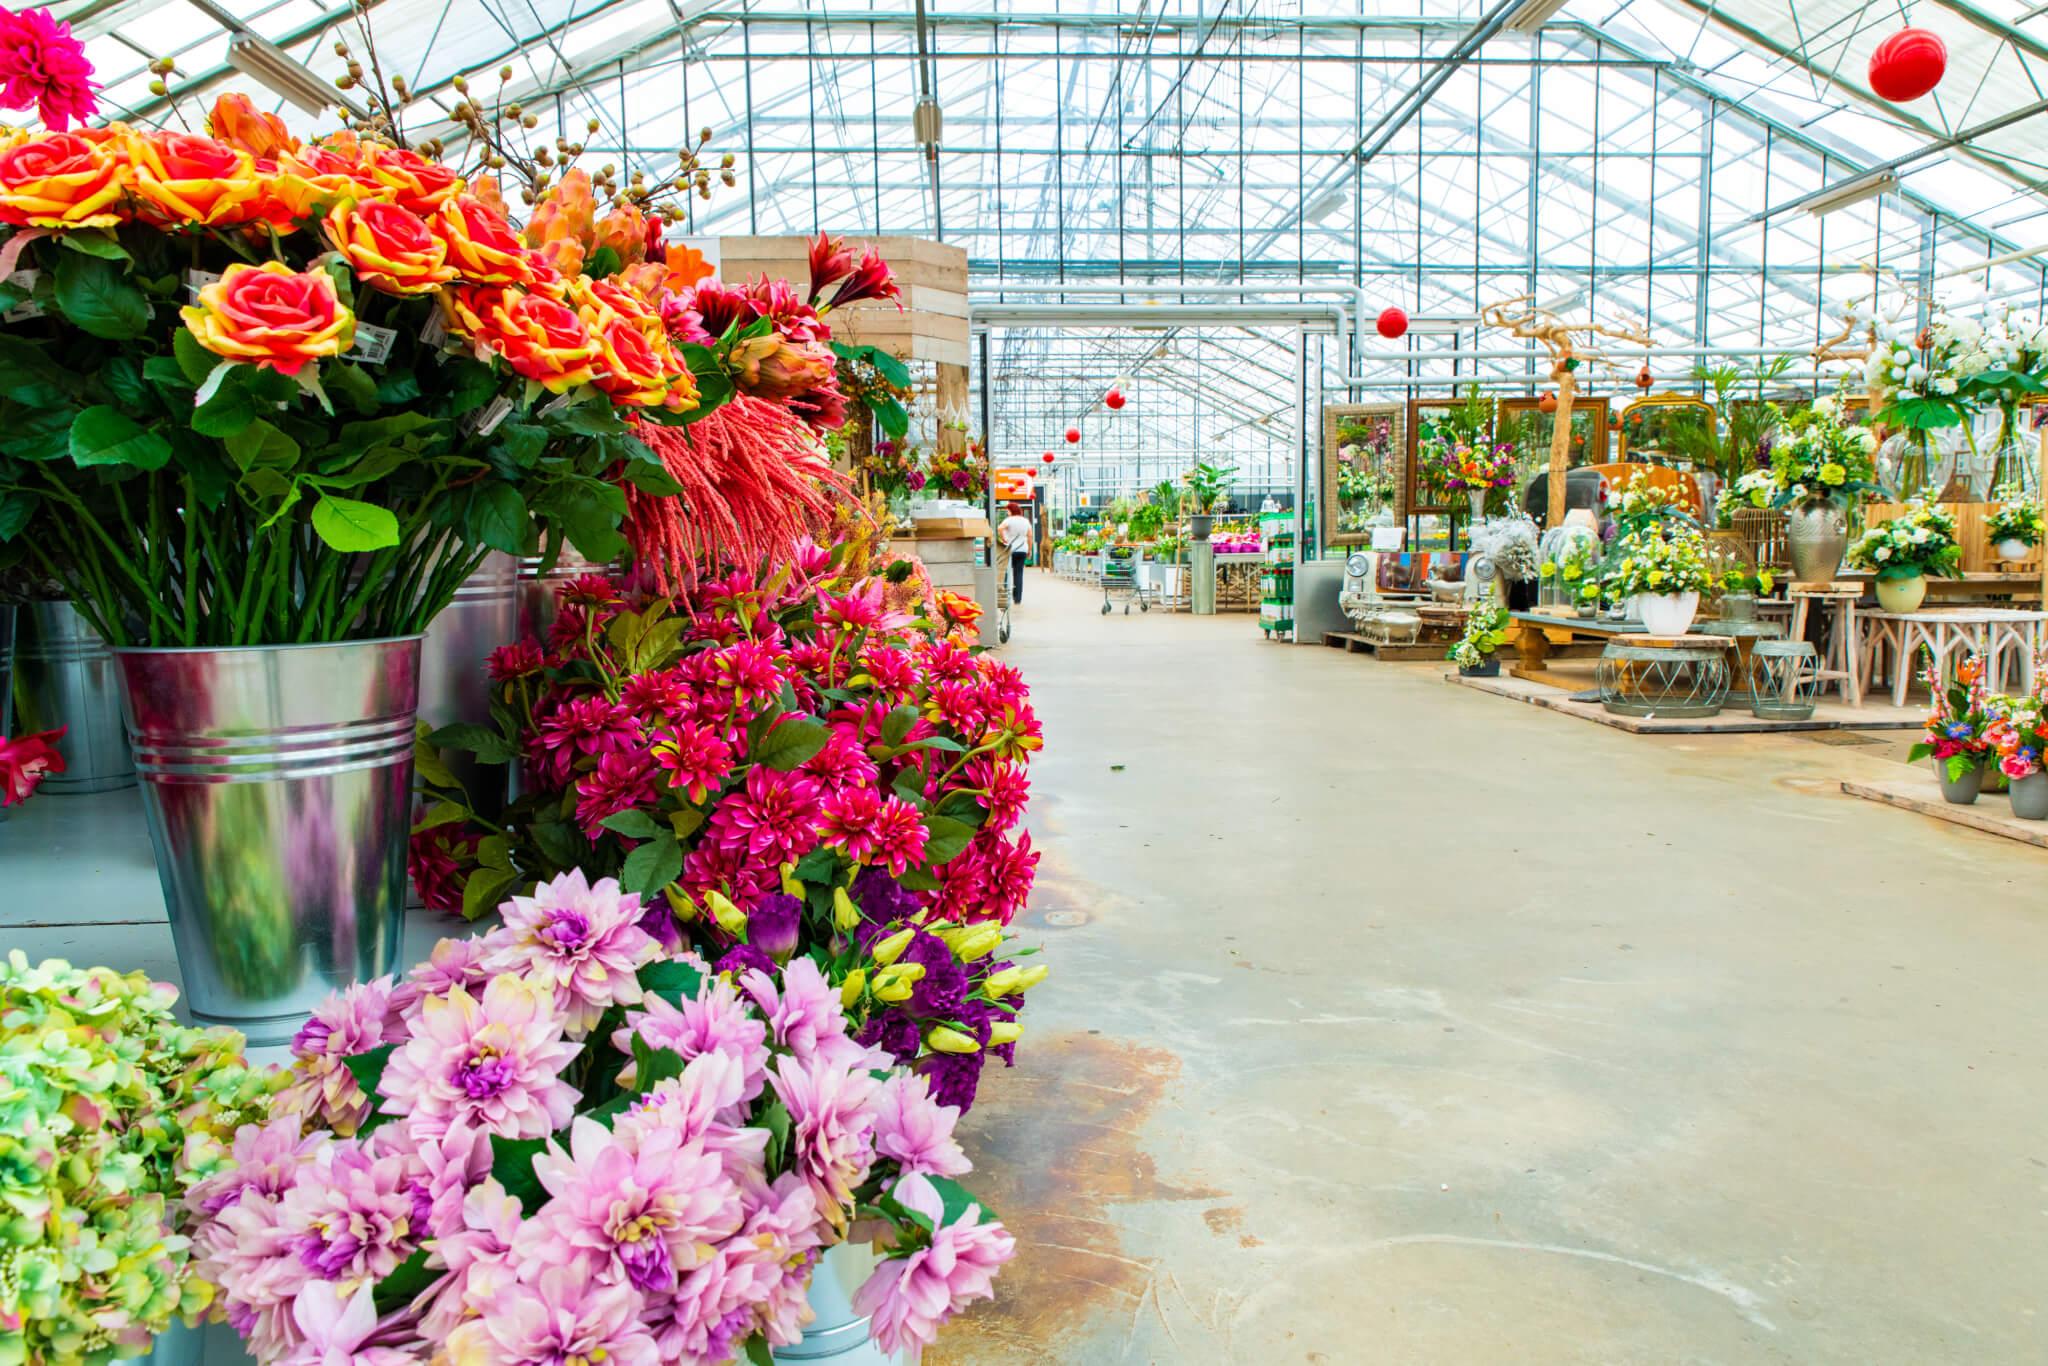 Flowers in Aalsmeer en Shops Aalsmeer - Garden Centre het Oosten